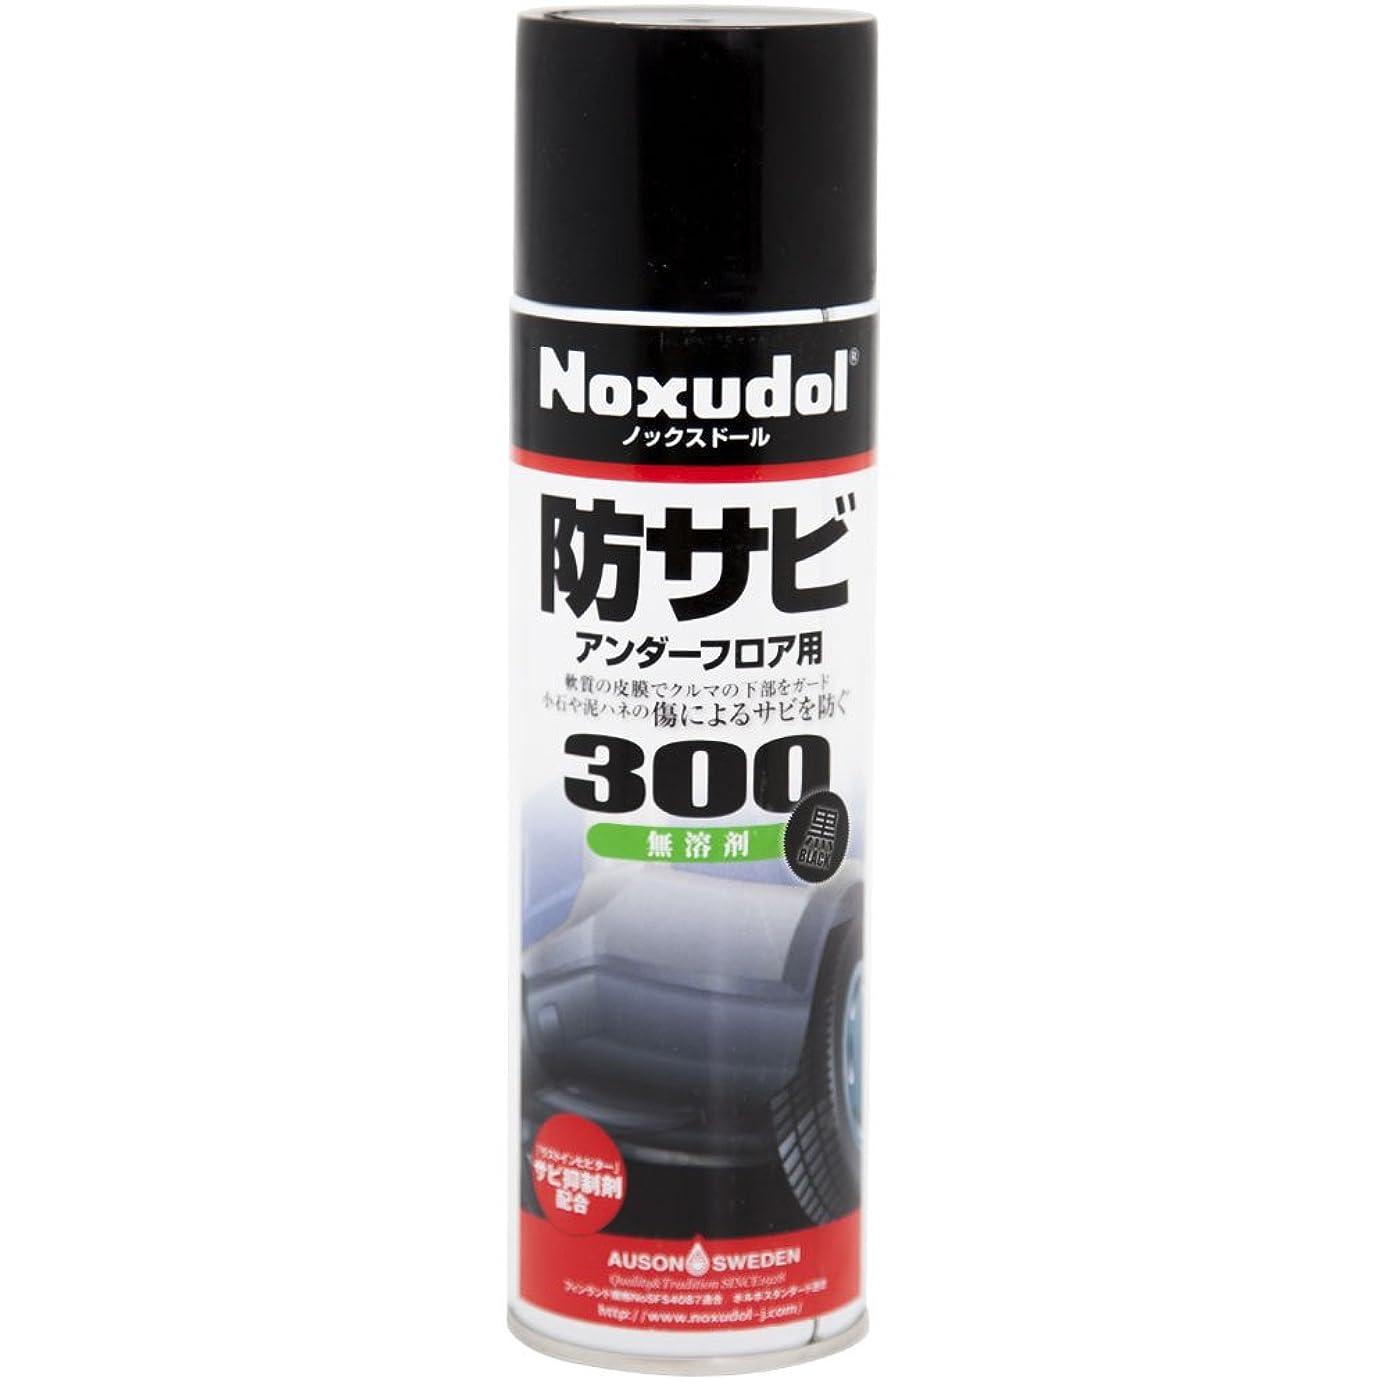 平和的論争の的アームストロングタイホーコーザイ 厚塗り塗料 塩害ガード スプレー ブラック NX496